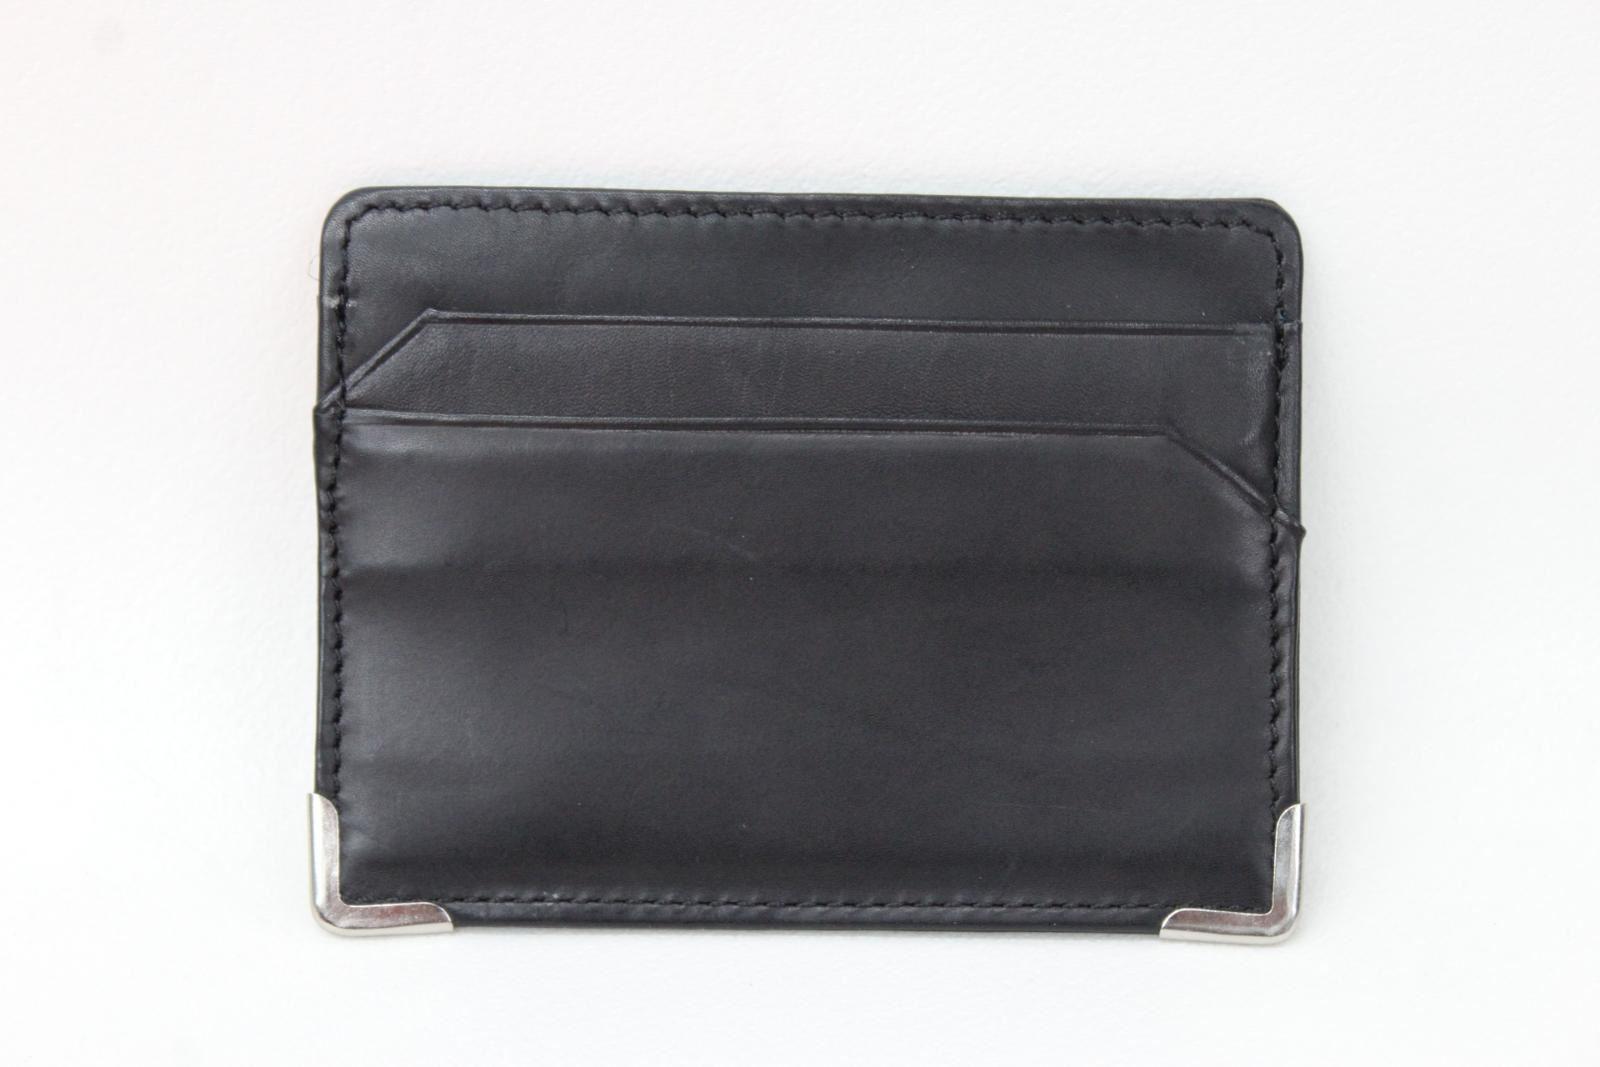 KIKI-JAMES-Men-039-s-Black-amp-Blue-Leather-5-Slot-Metal-Corner-Card-Holder-Wallet-NEW